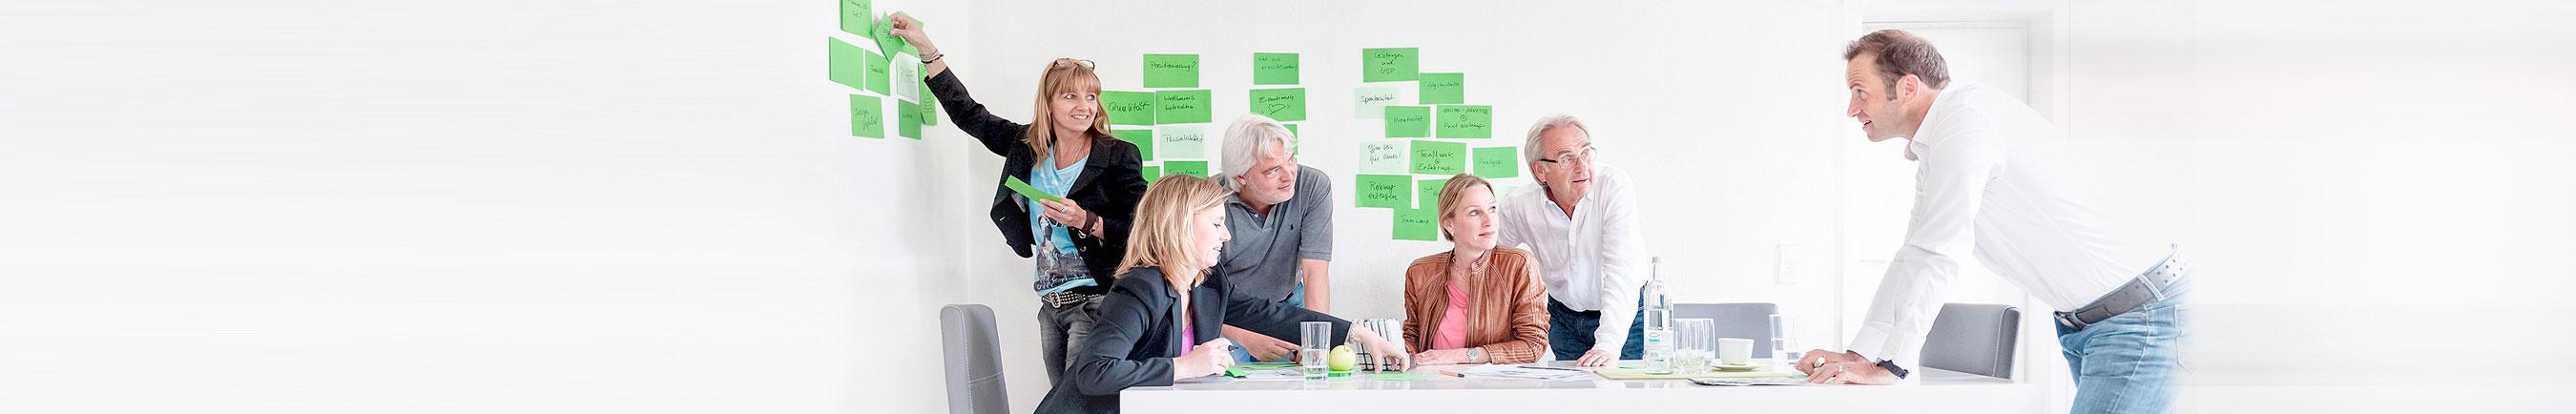 Atelier Steinbüchel & Partner - Marke - Werbung